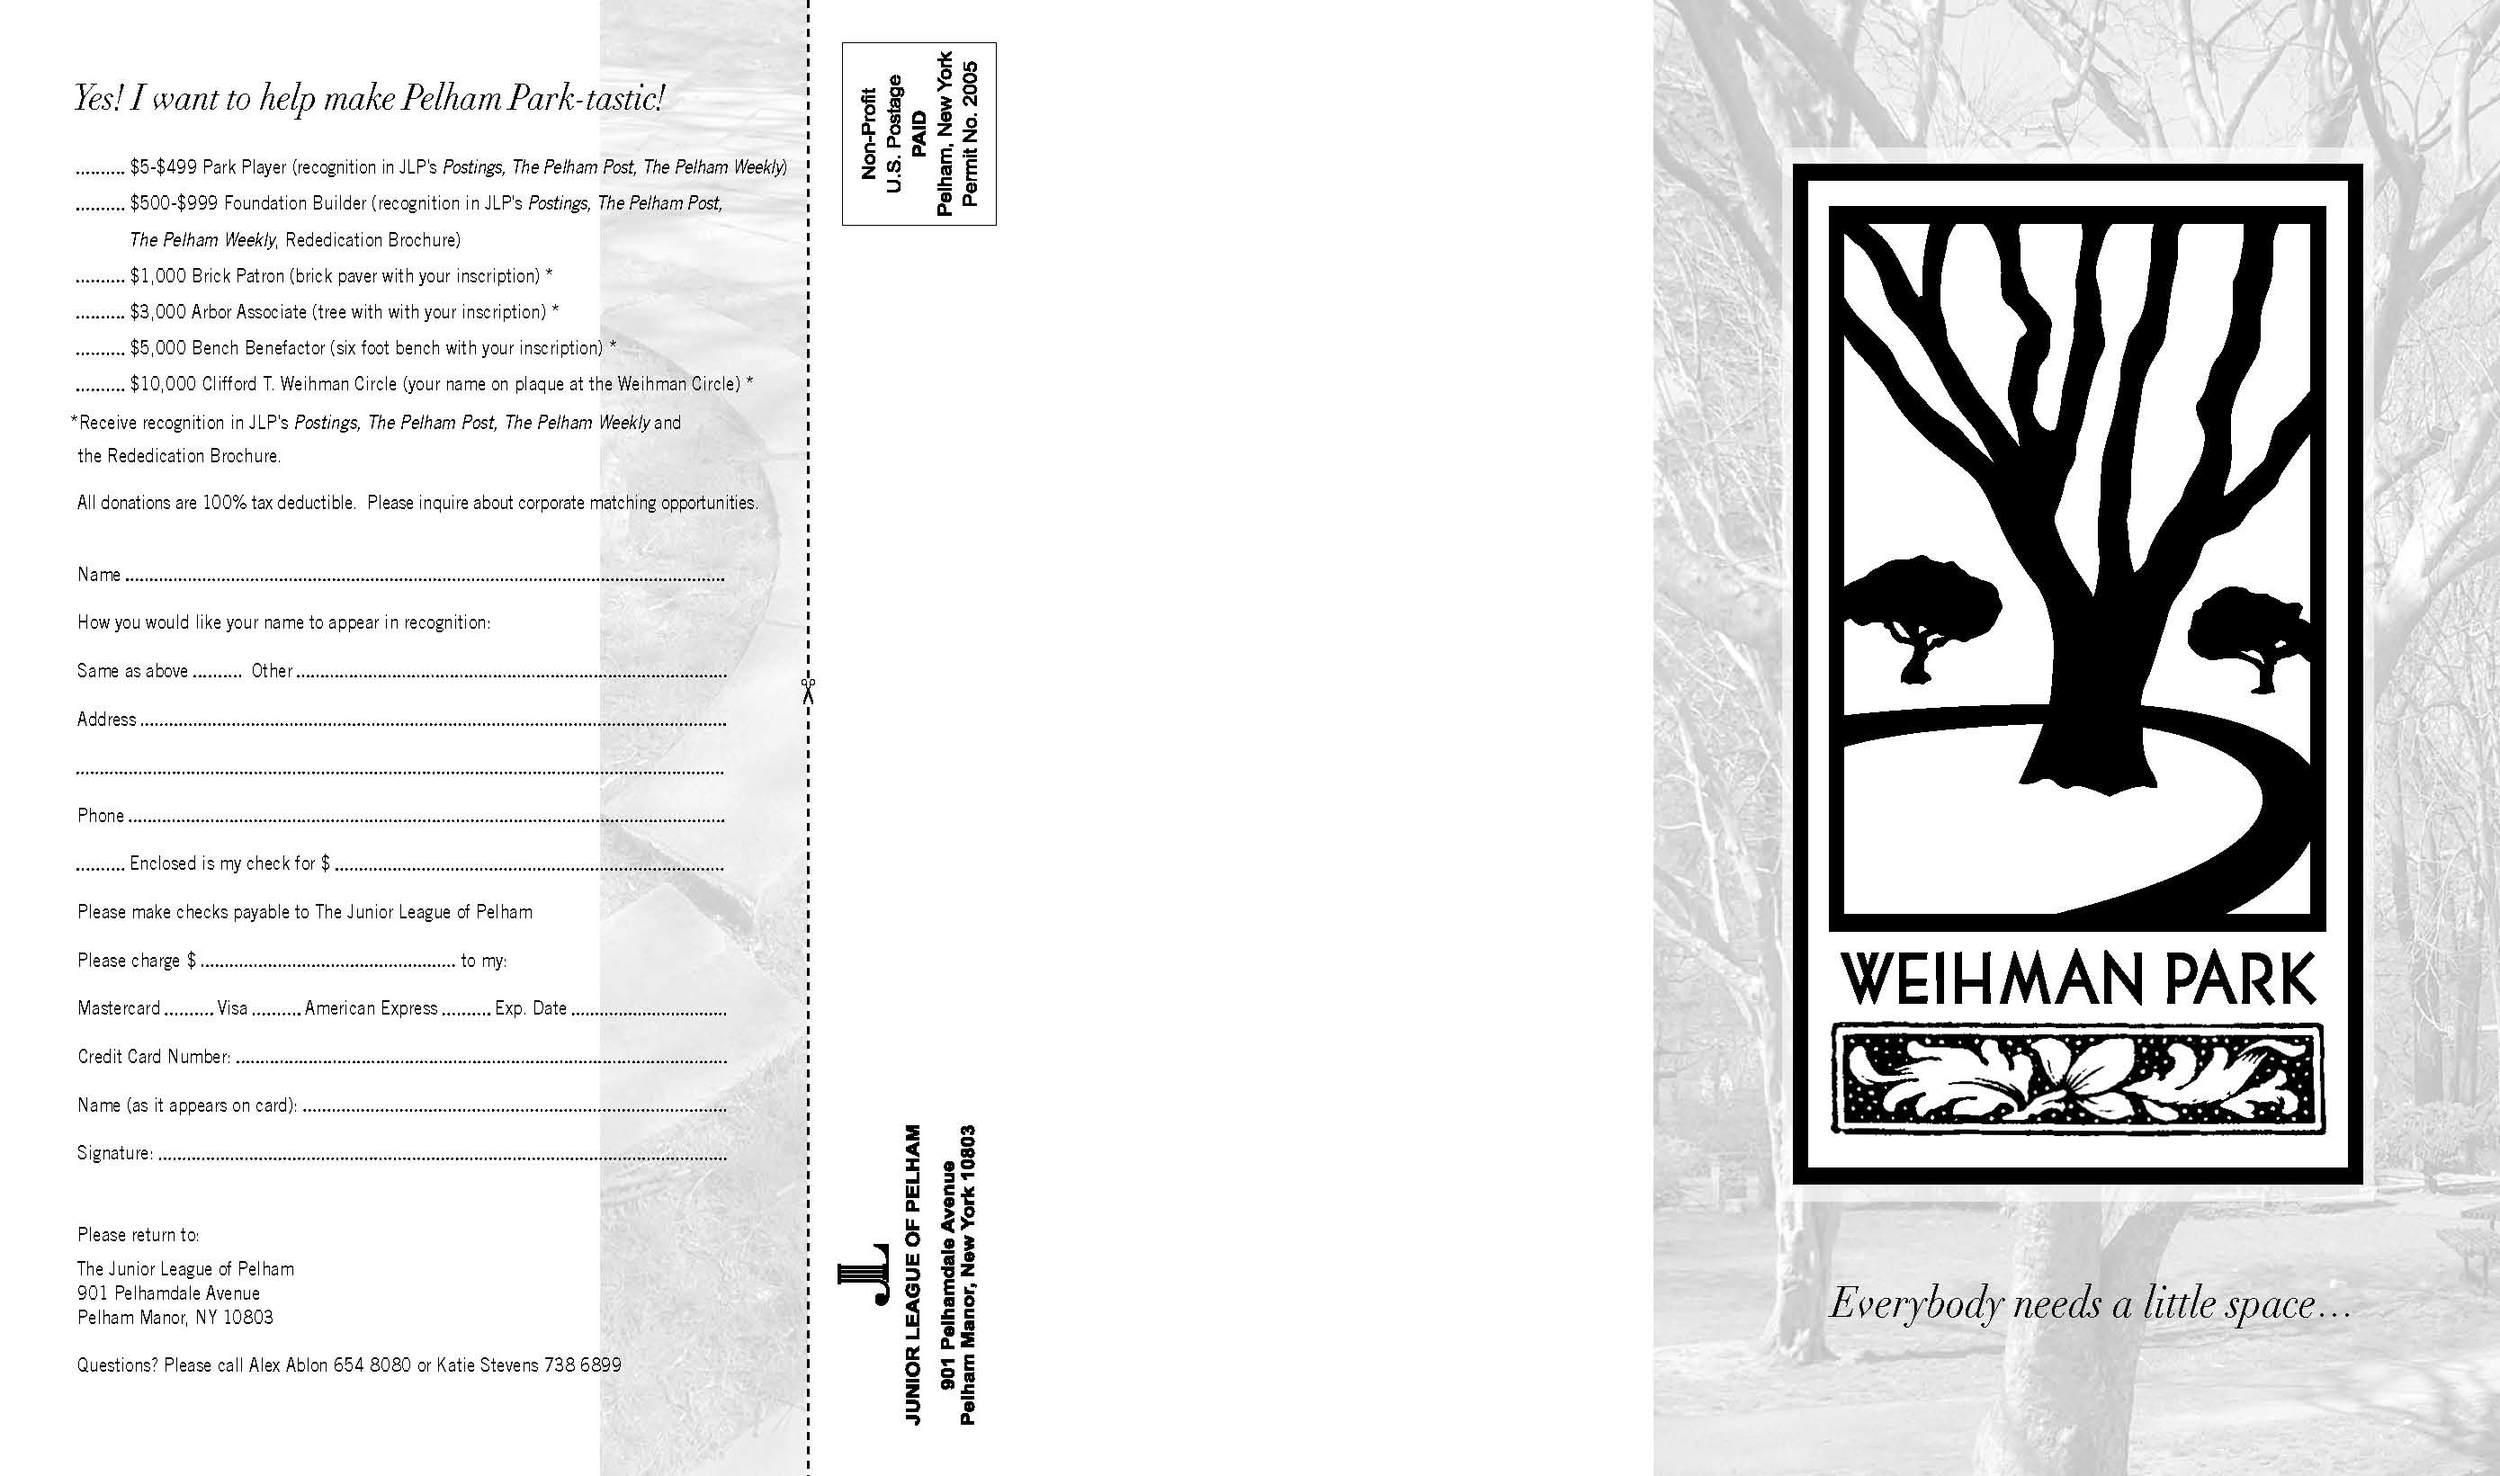 Weihman Park Brochure Outside.jpg